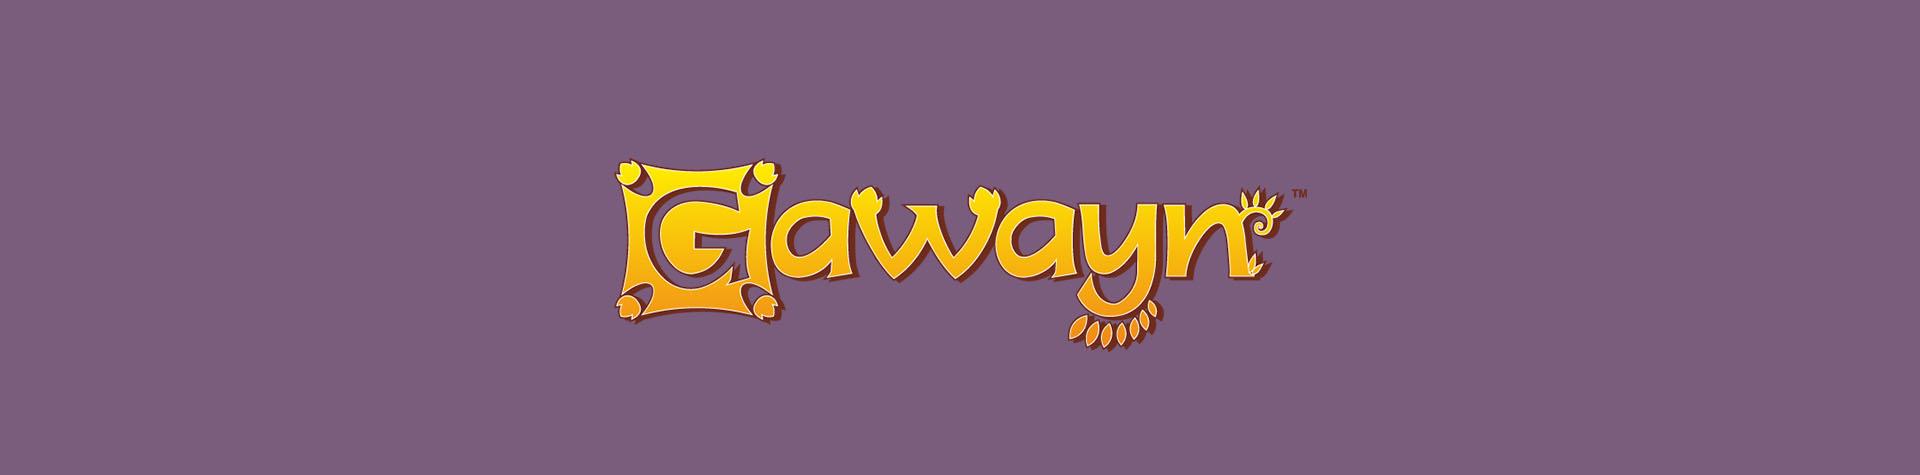 Gawayn -Large